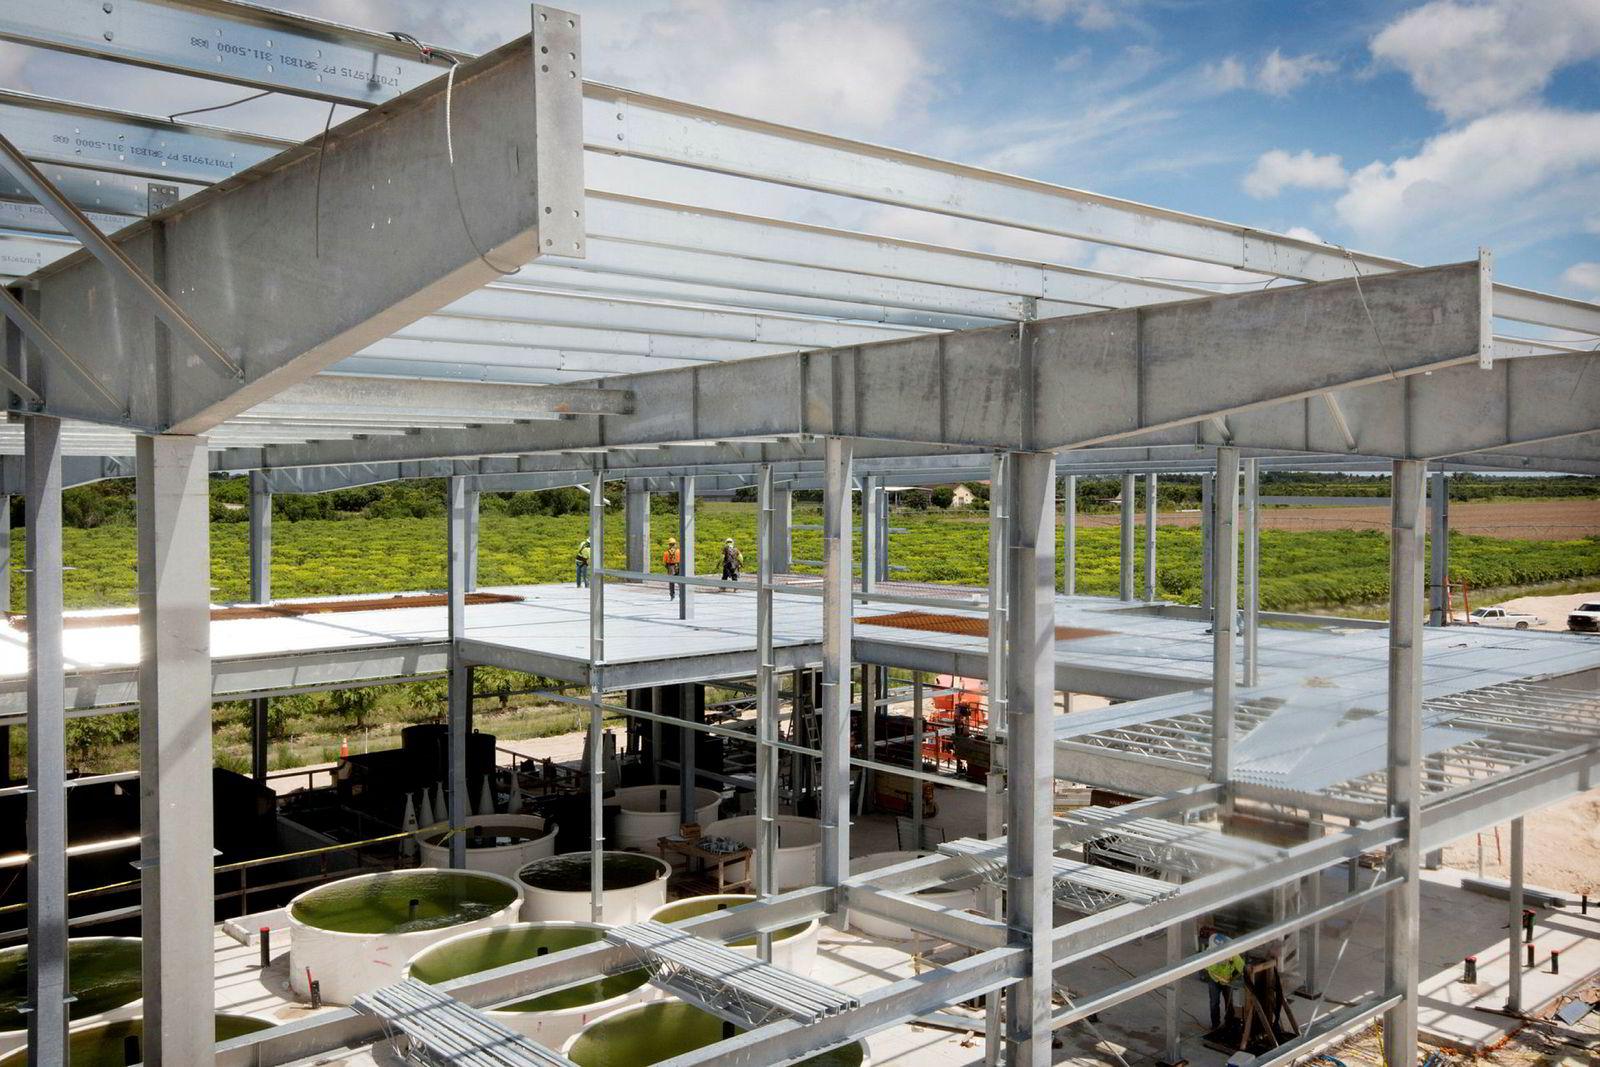 Atlantic Sapphire bygger verdens største landbaserte oppdrettsanlegg i Homestead i Florida med et mål om å produsere 90.000 tonn ferdigsløyd Florida-laks innen 2026 for 6,5 milliarder kroner.